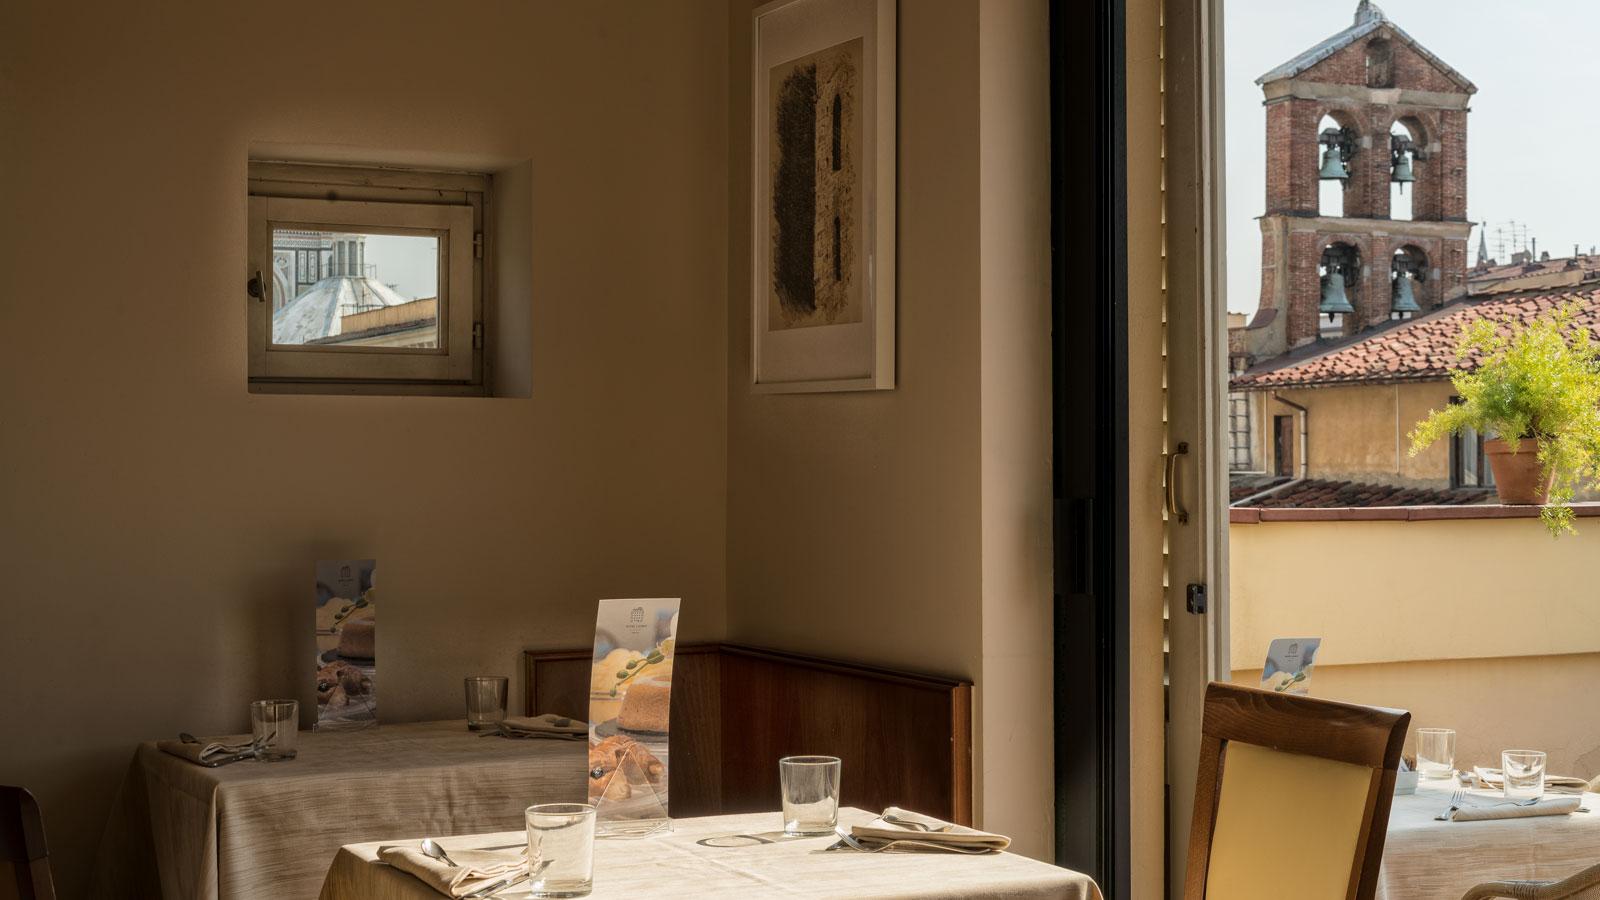 Hotel Con Colazione E Bar Con Terrazza Panoramica Firenze